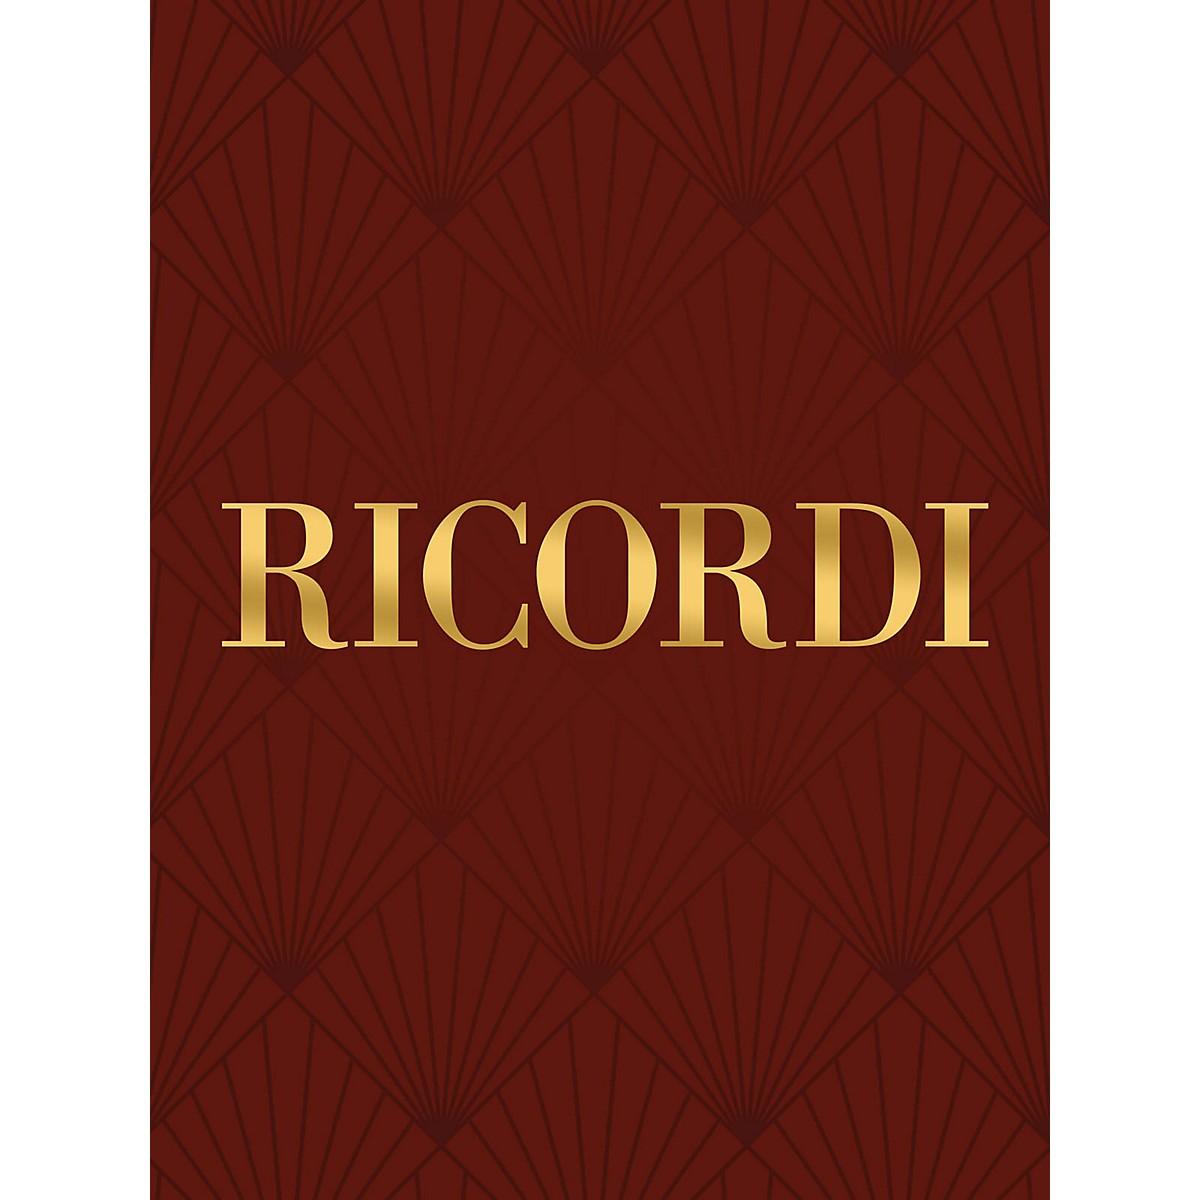 Ricordi Sonata in B minor (Violin and Piano) String Solo Series Composed by Ottorino Respighi